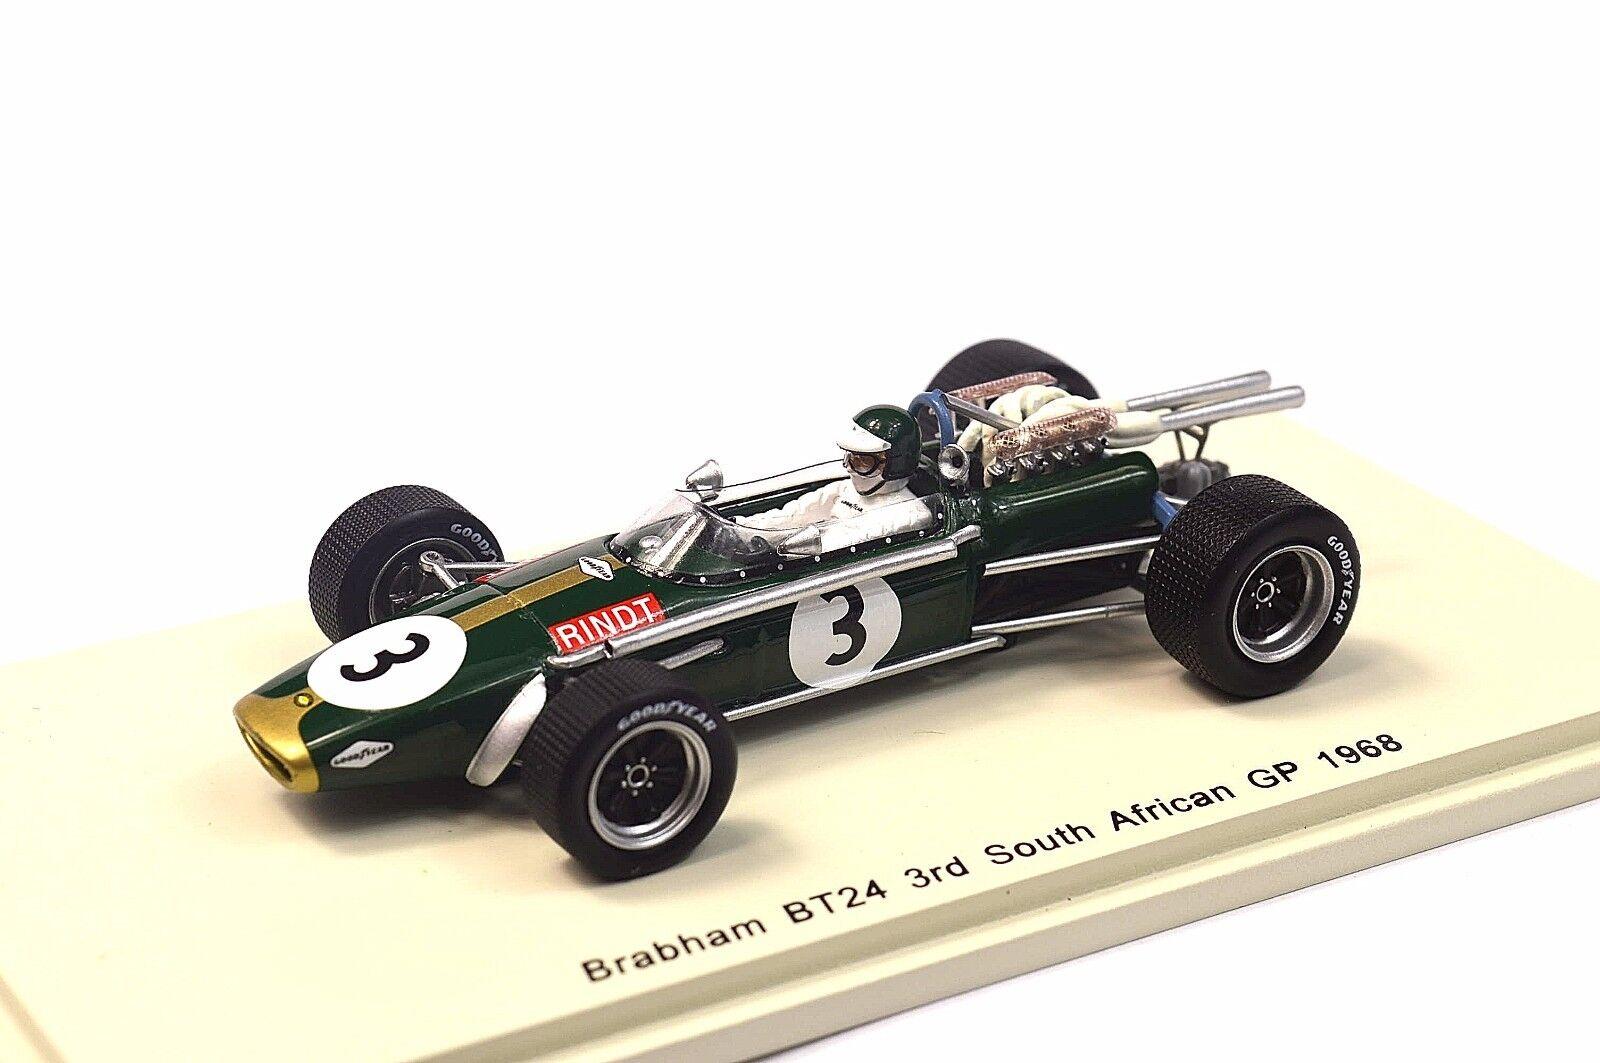 Brabham BT24 3RD afrique du sud 1968 1968 1968 jochen rindt 1:43 spark S4337 résine nouveau modèle   Facile à Nettoyer Surface  13284c